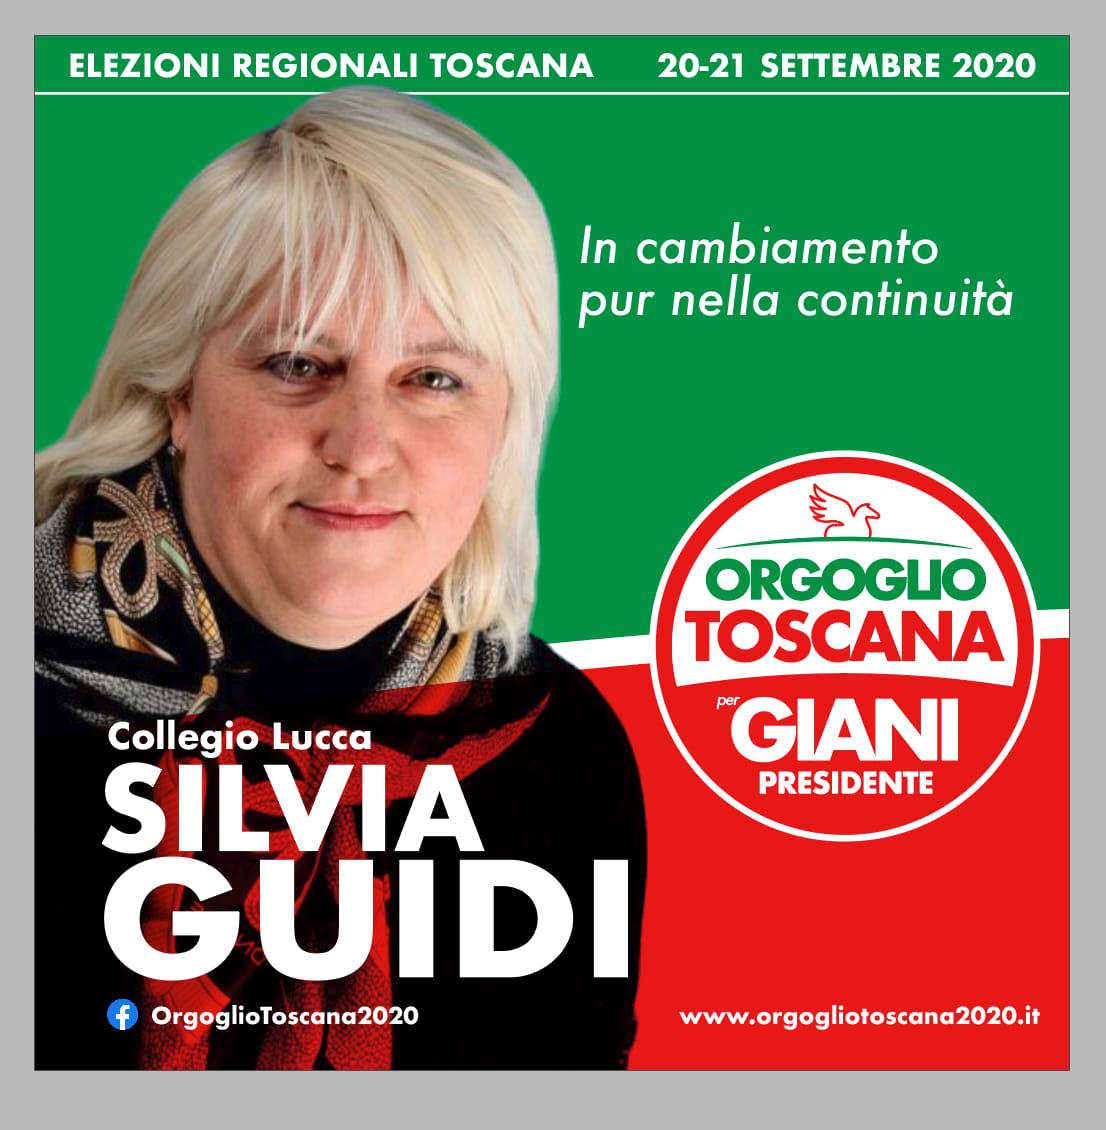 Sono candidata nella lista Orgoglio Toscana. Collegio di Lucca